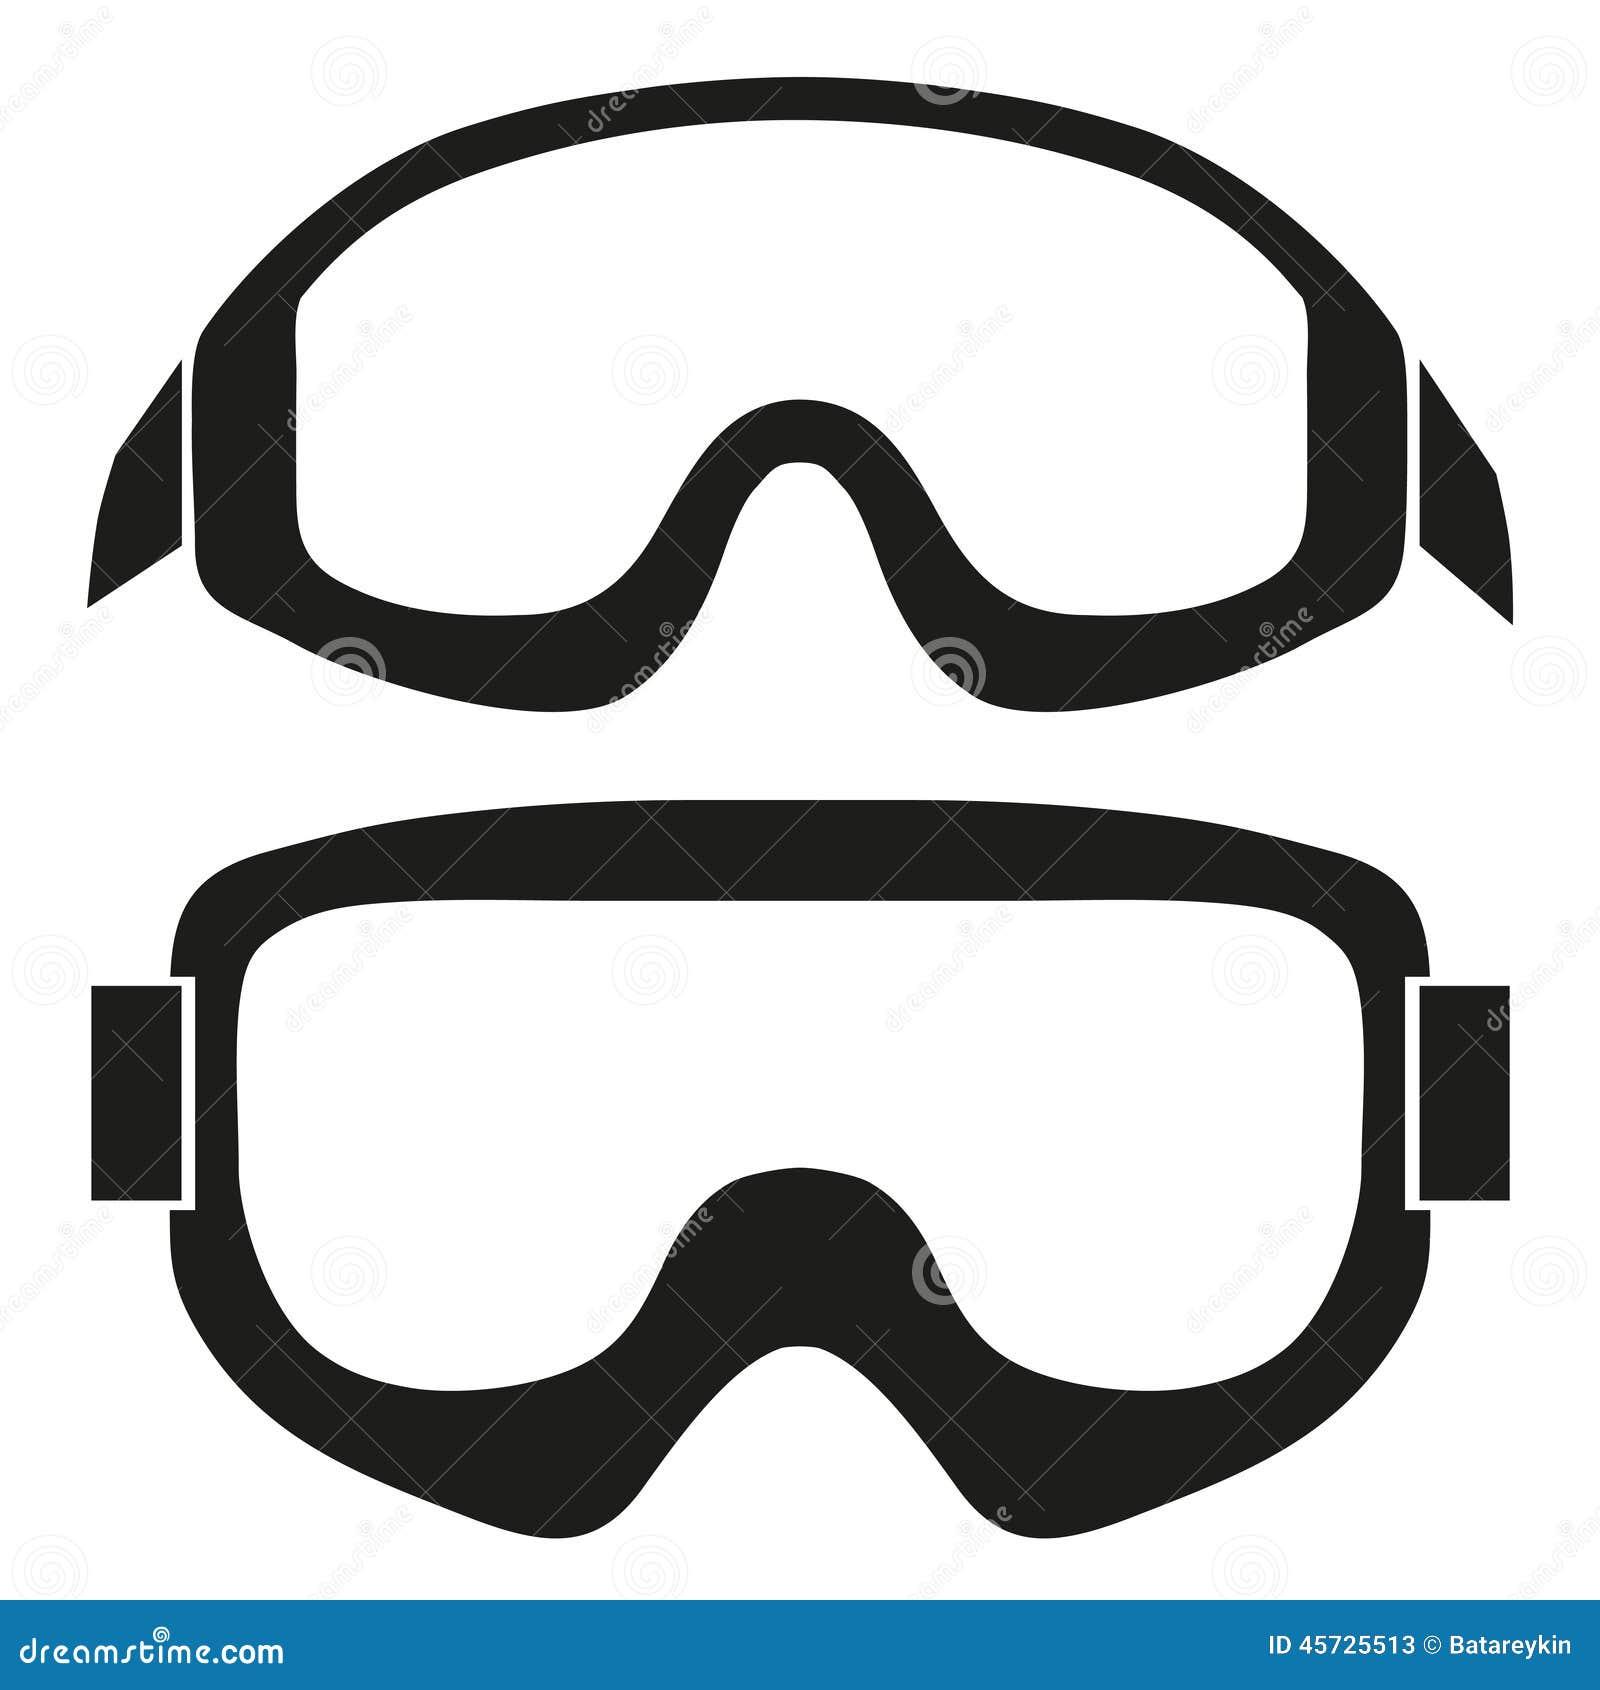 Silhouette symbol of Classic snowboard ski goggles